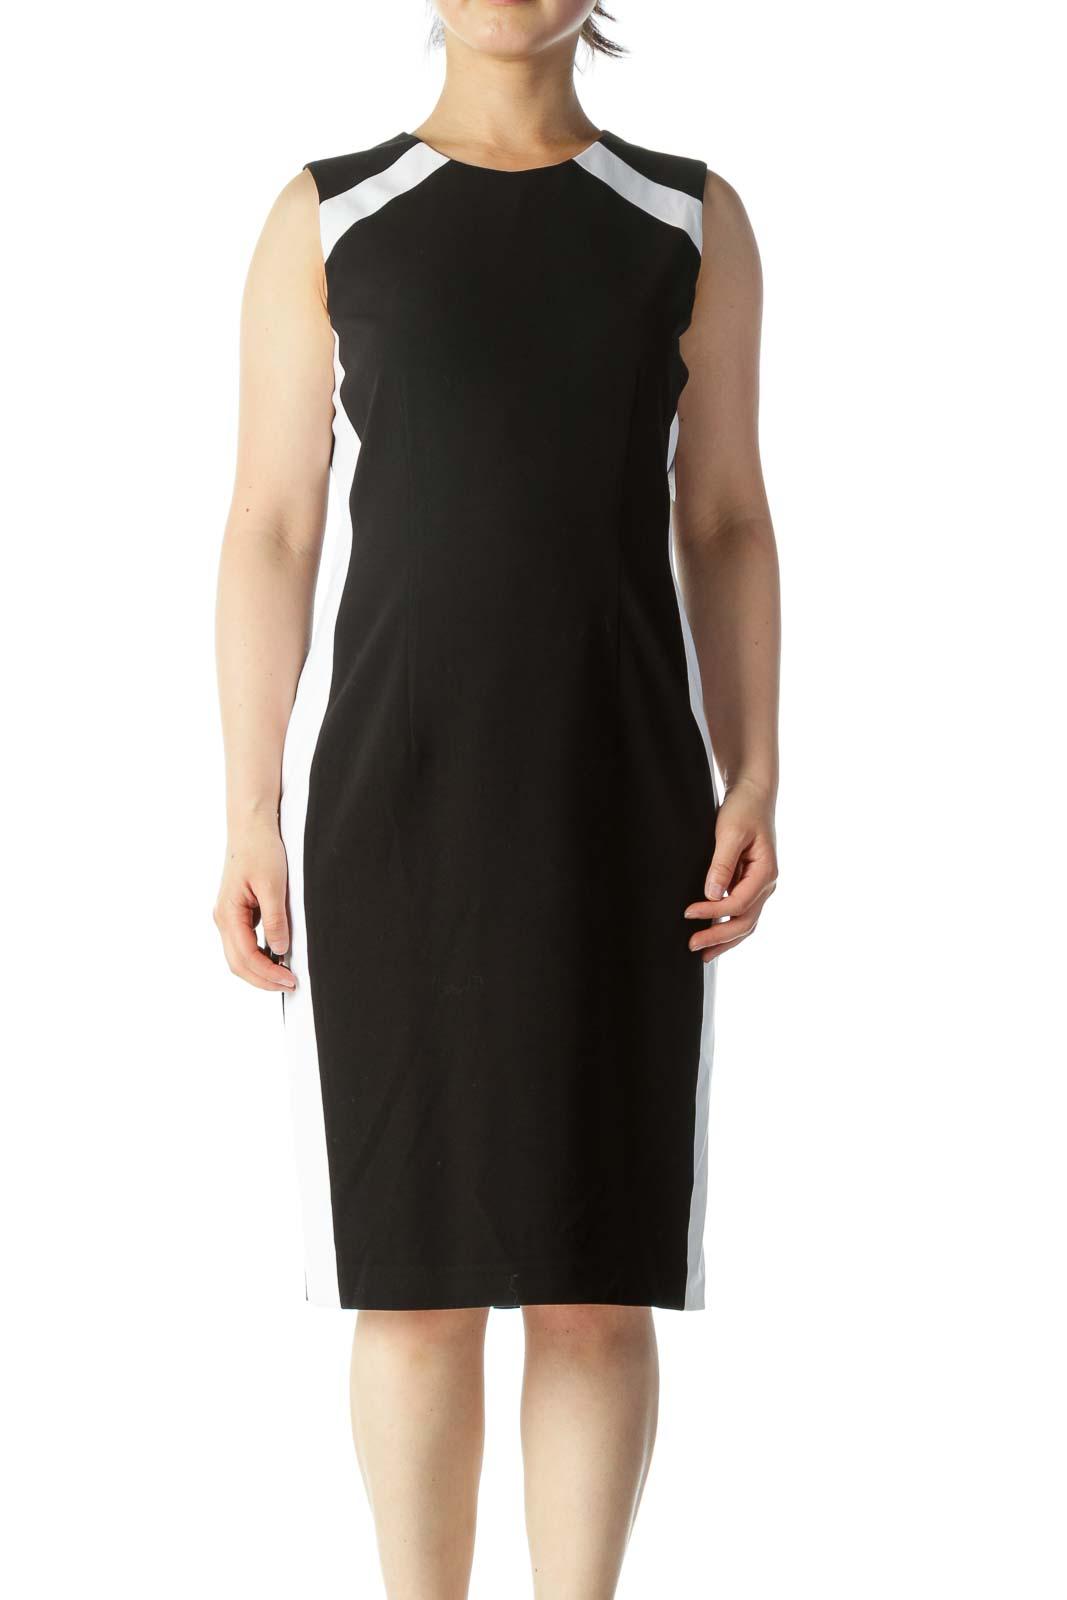 Black and White Sheath Work Dress